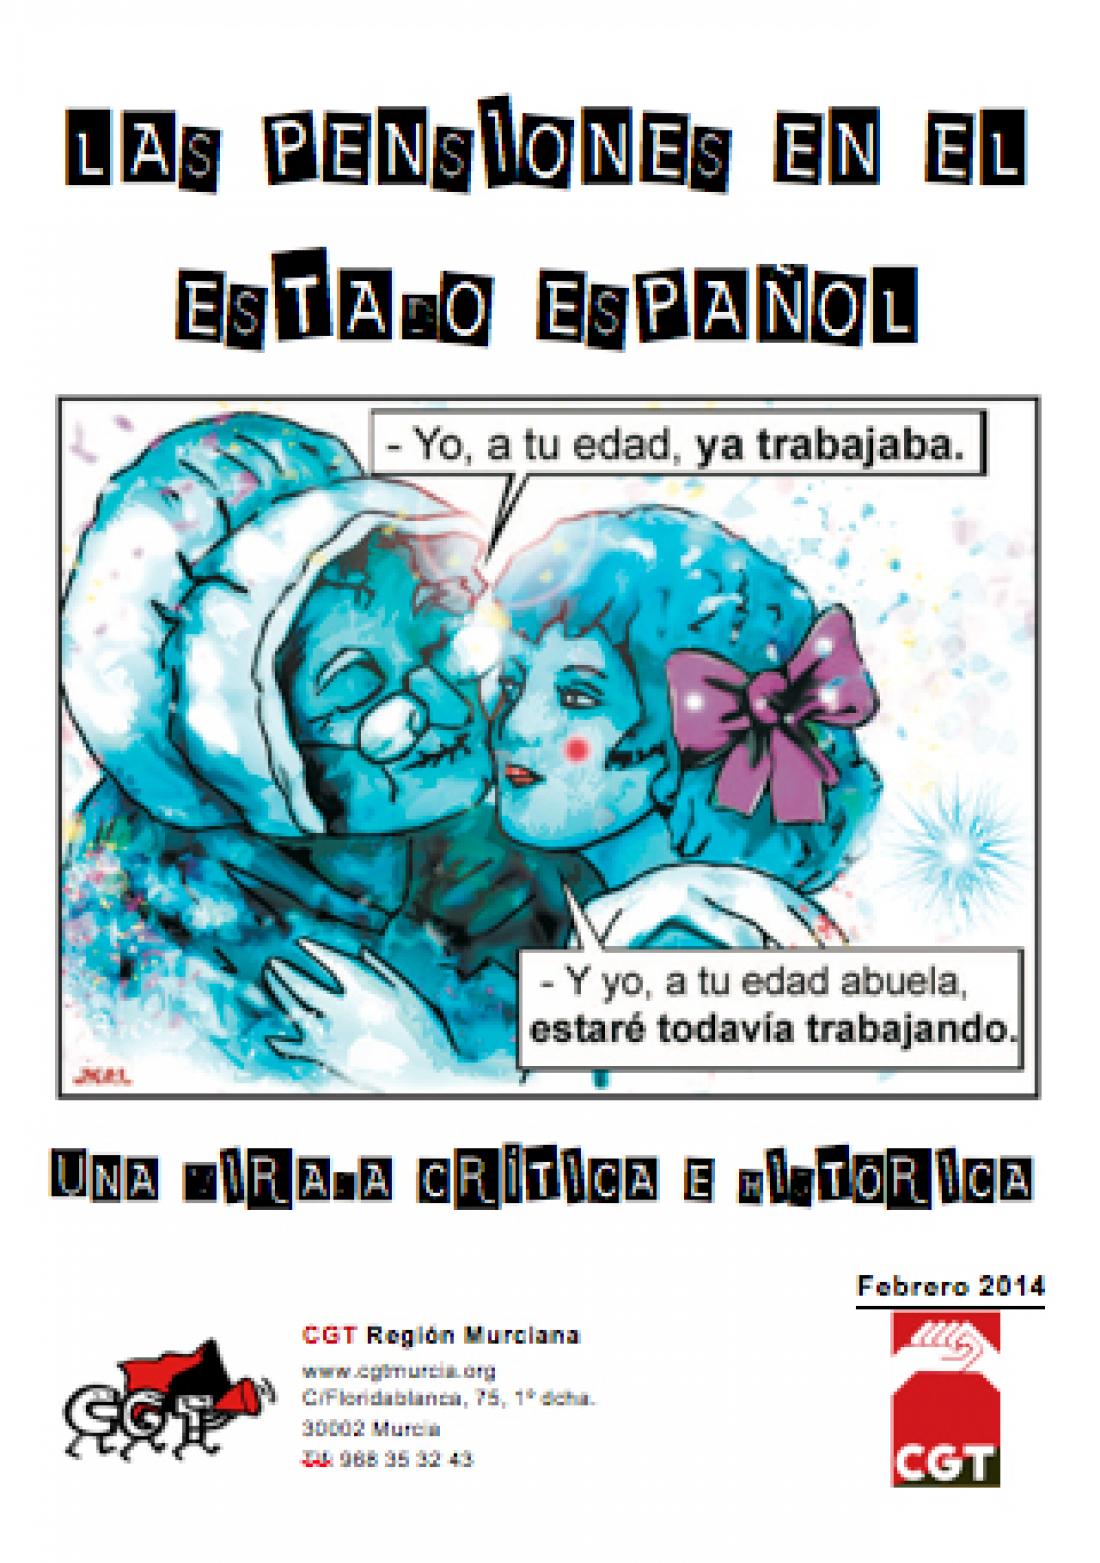 Las pensiones en el estado español, una mirada crítica e histórica